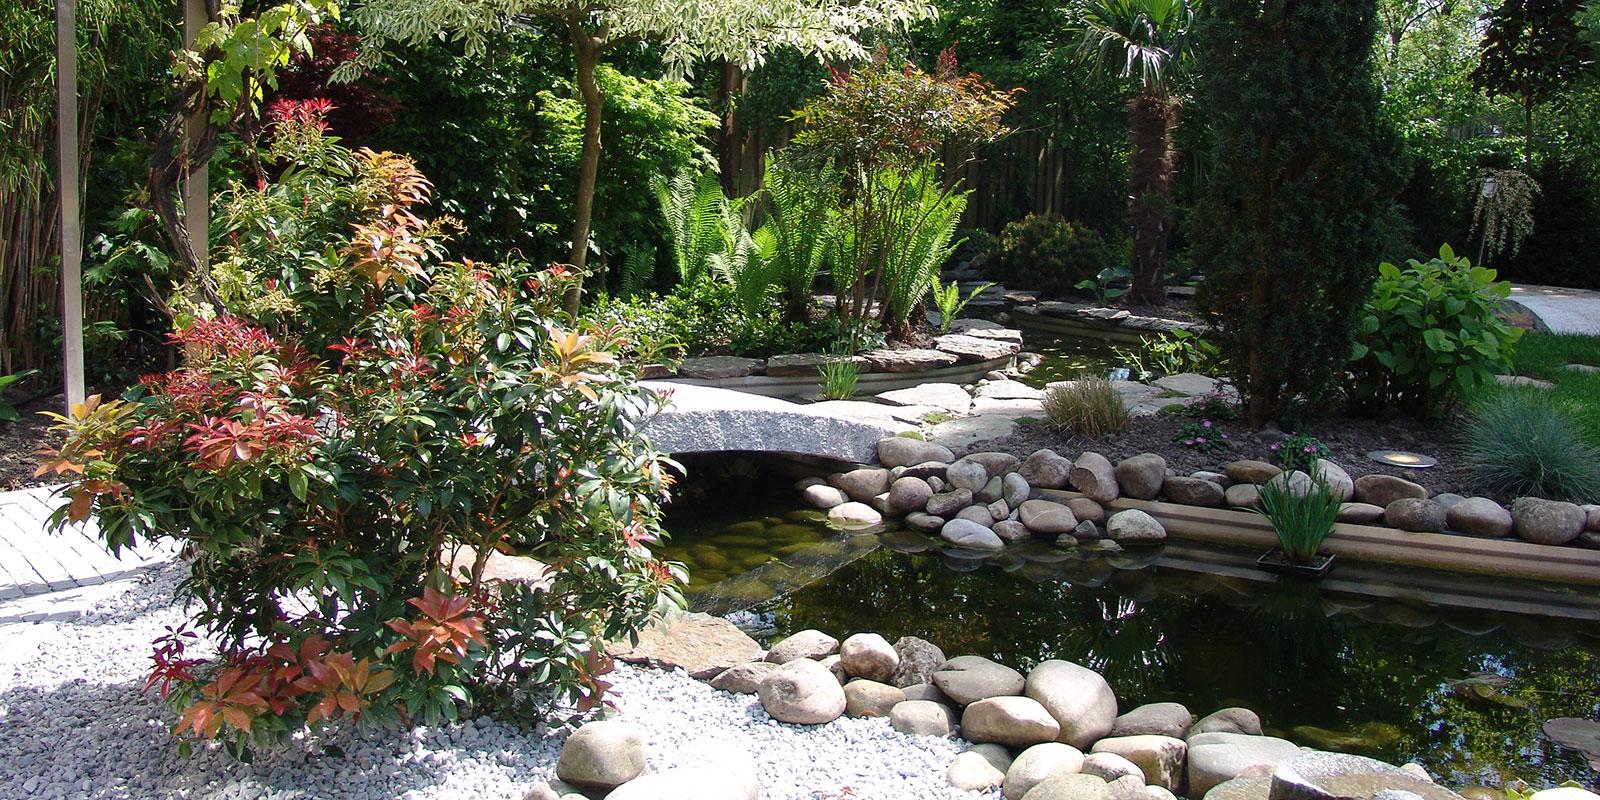 Verrassende tuinen die anders zijn, Eric Bijl Tuinontwerp, tuinontwerp